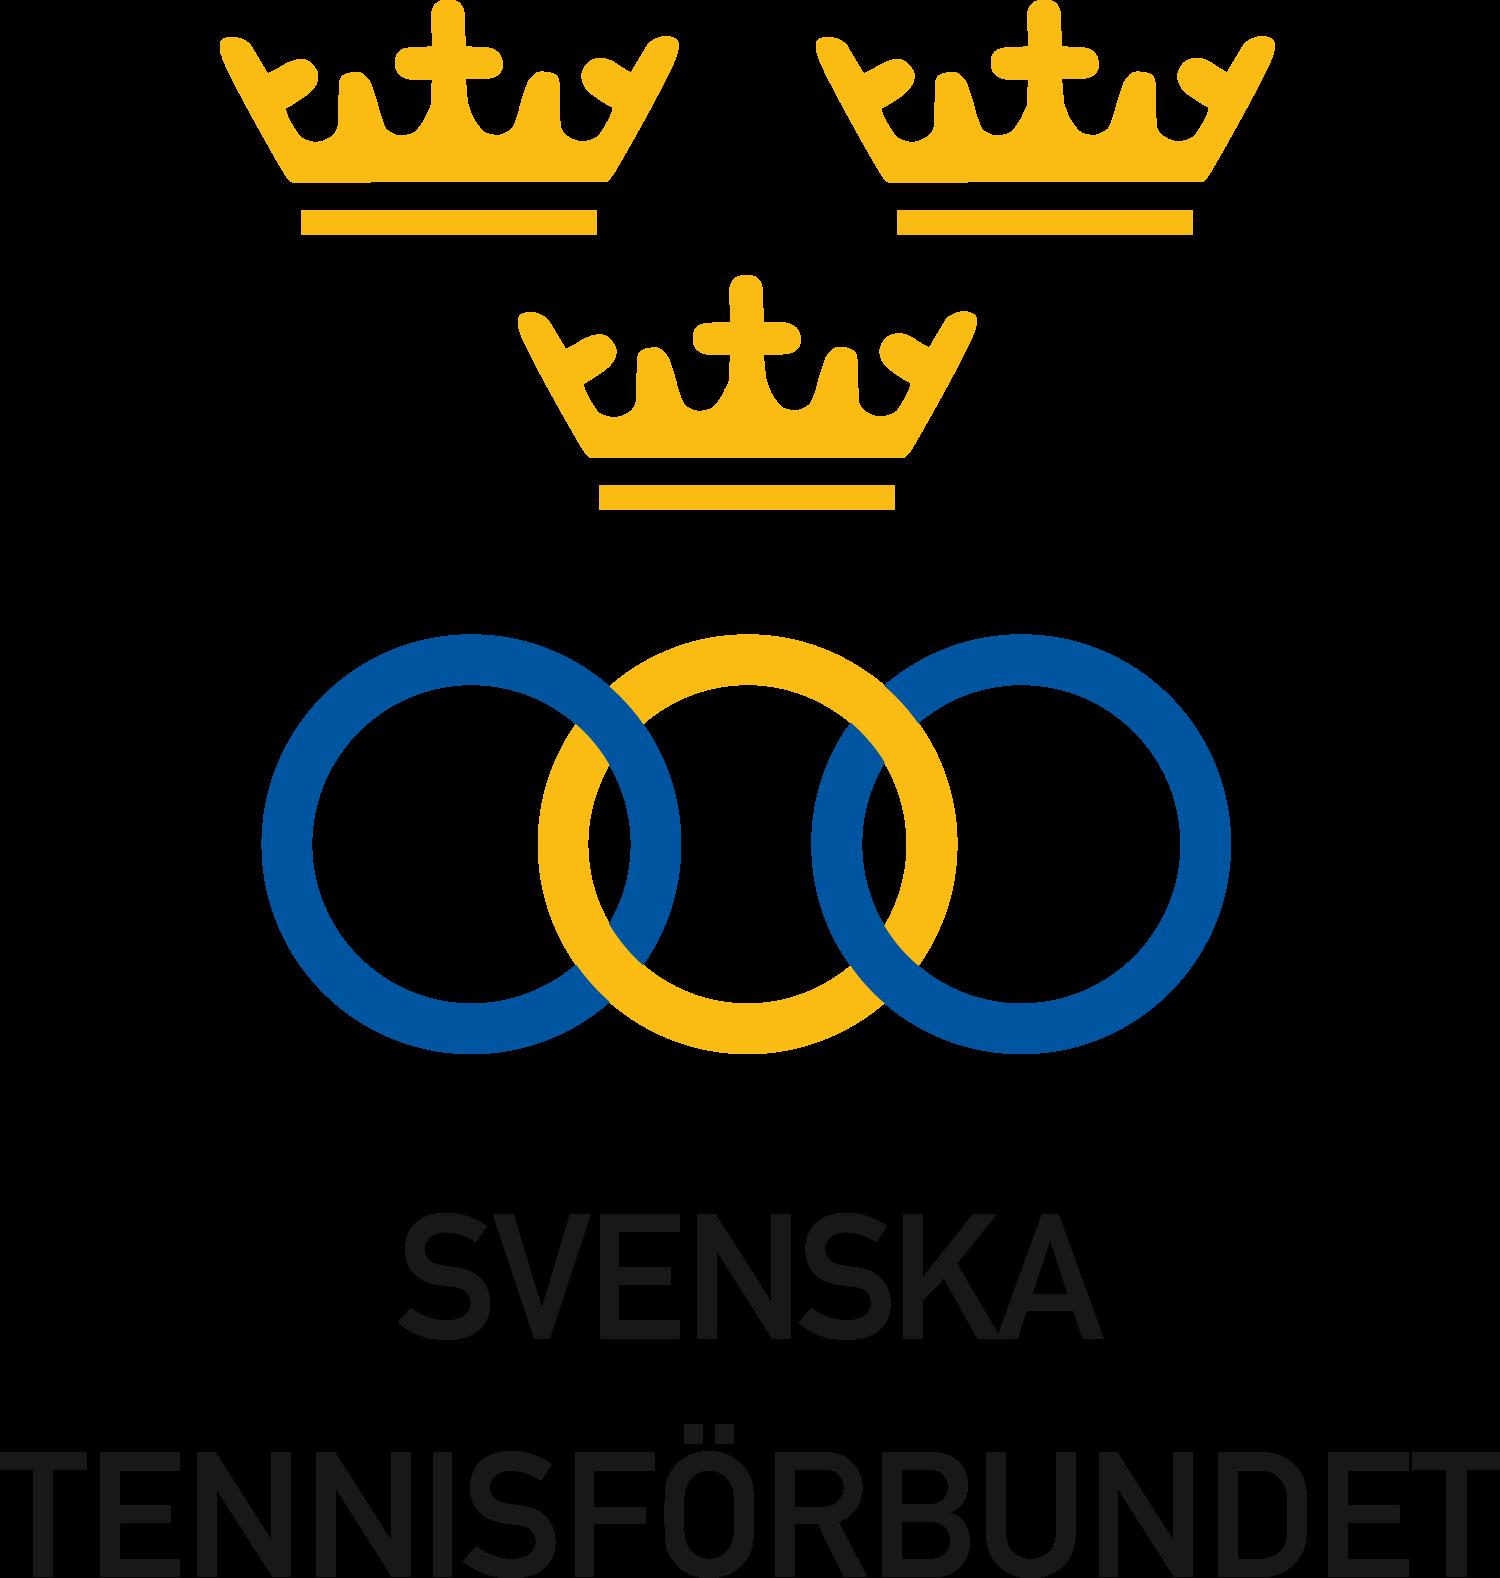 SvTF_logo_eps_vect_101201